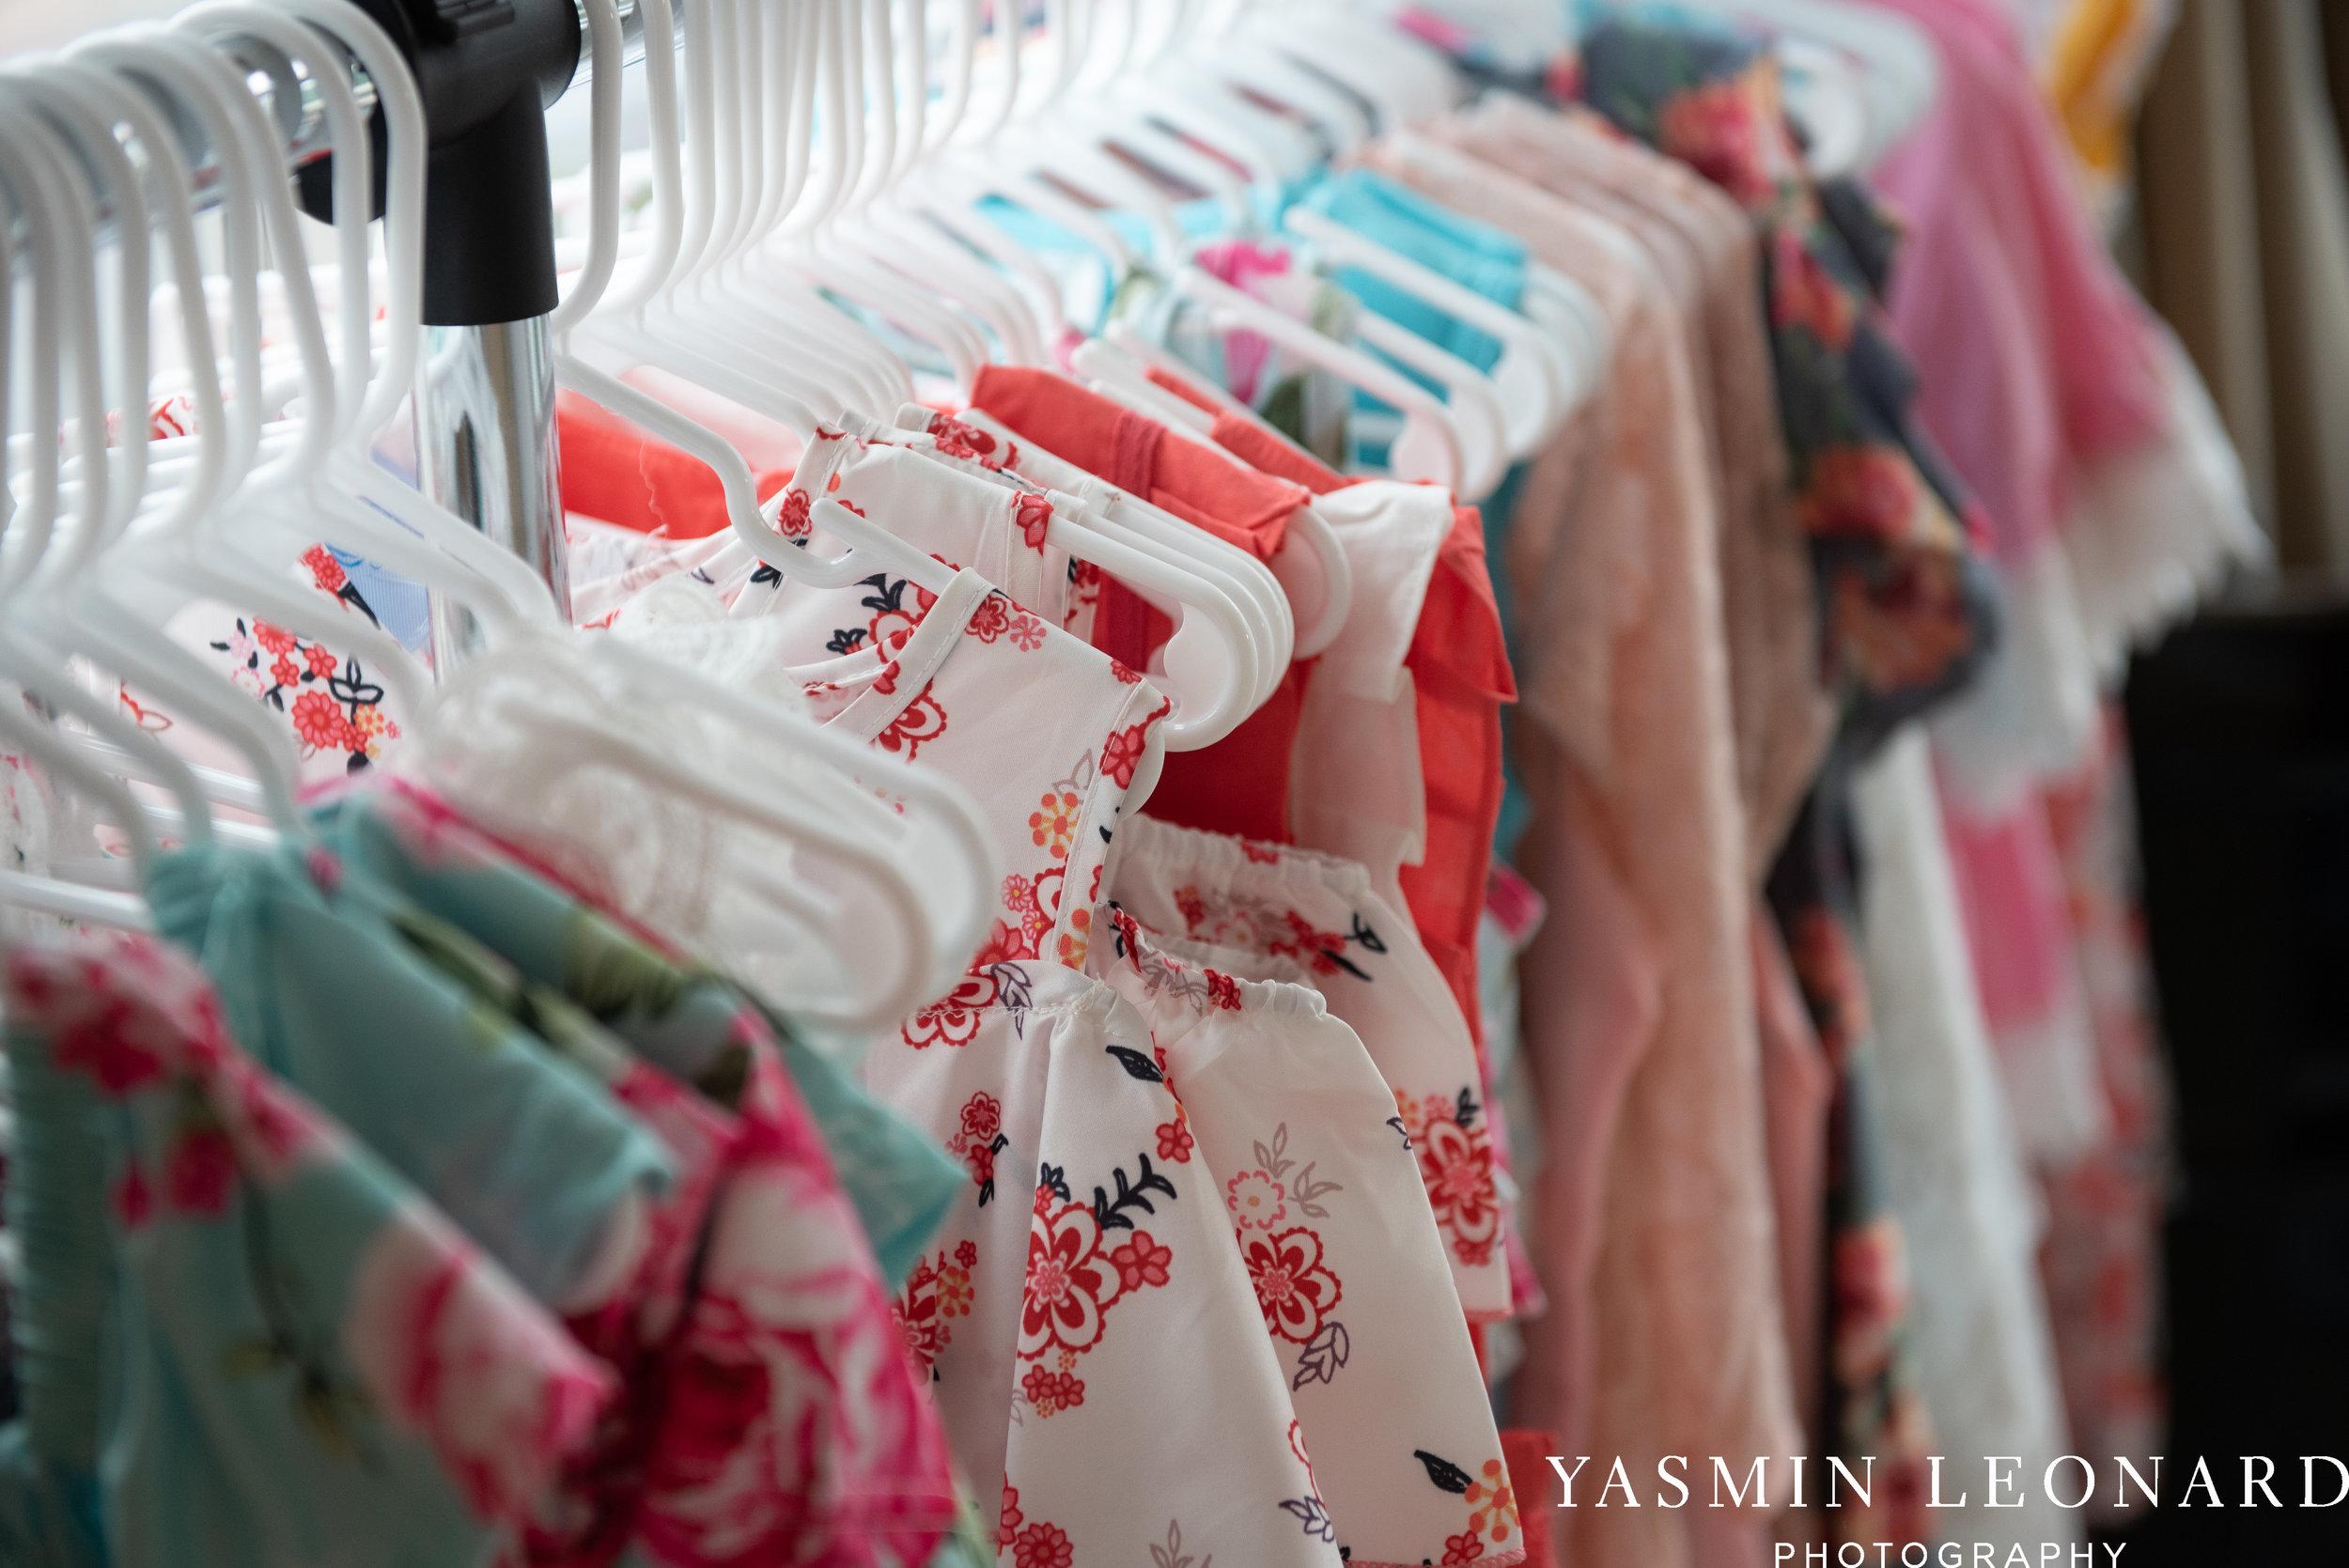 Girls Day Out Camp - Yasmin Leonard Photography-1.jpg